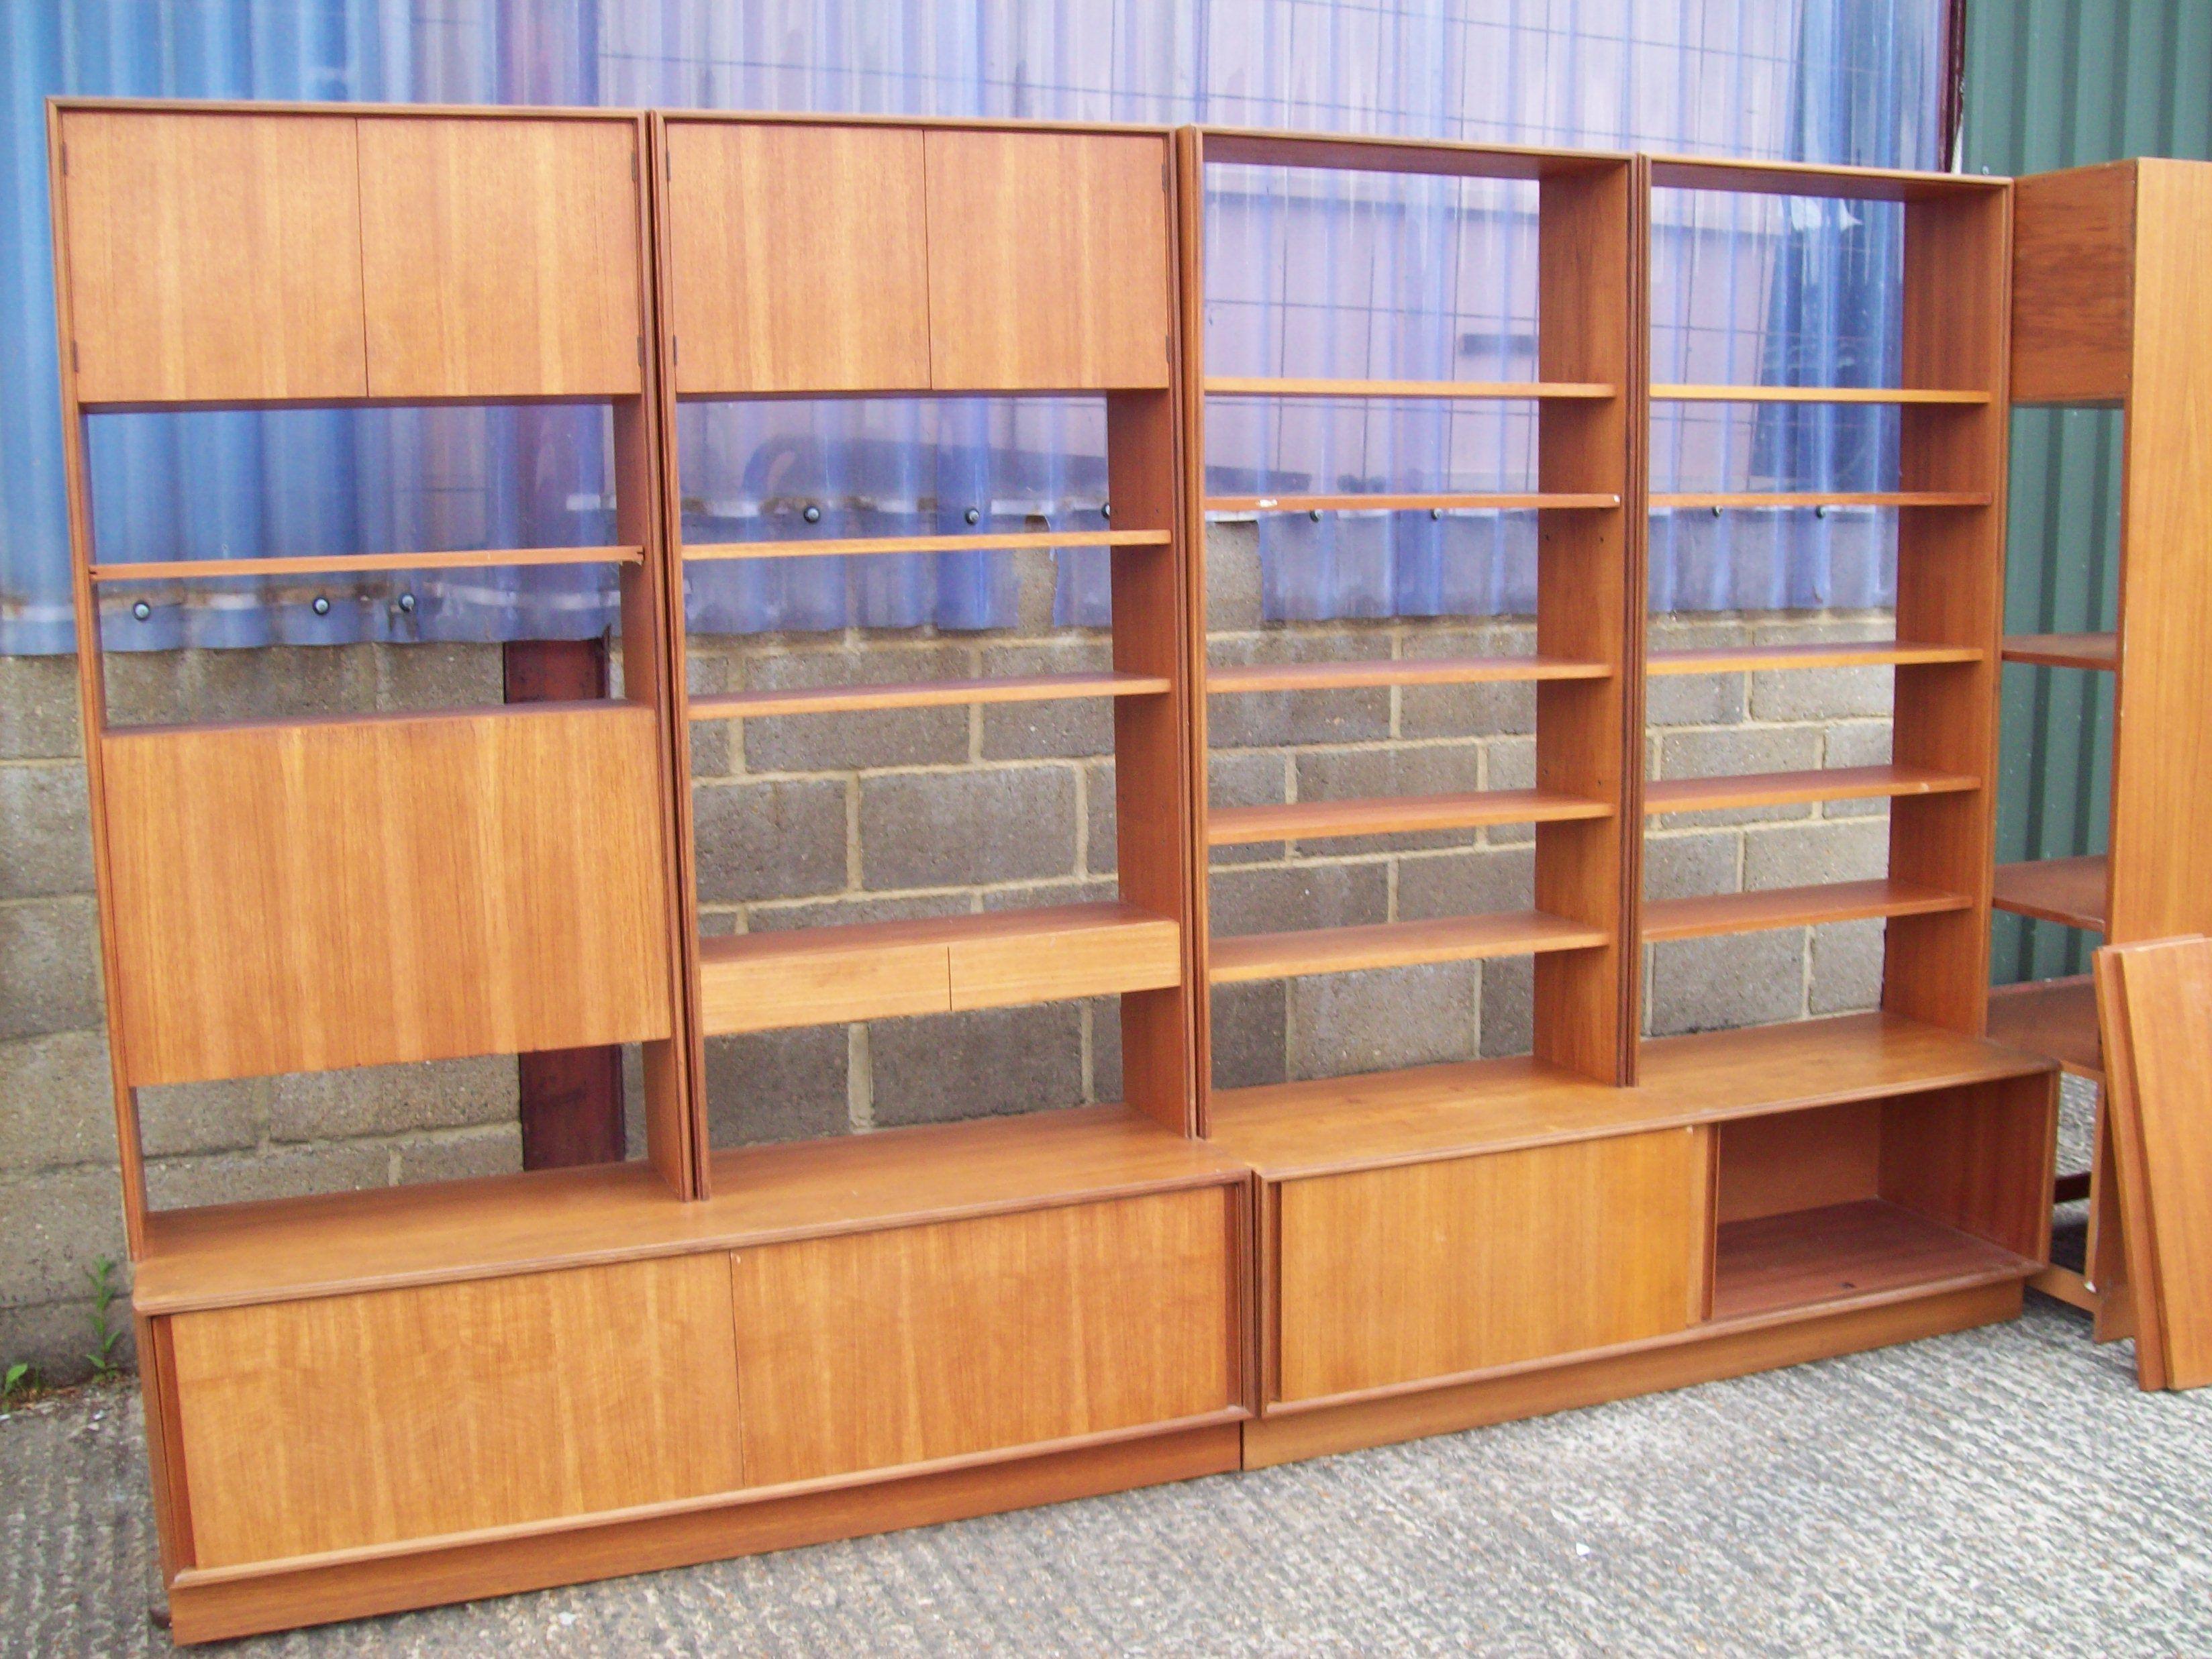 Massive Gplan Retro Living Room Dresser Shelves From Calico Catco